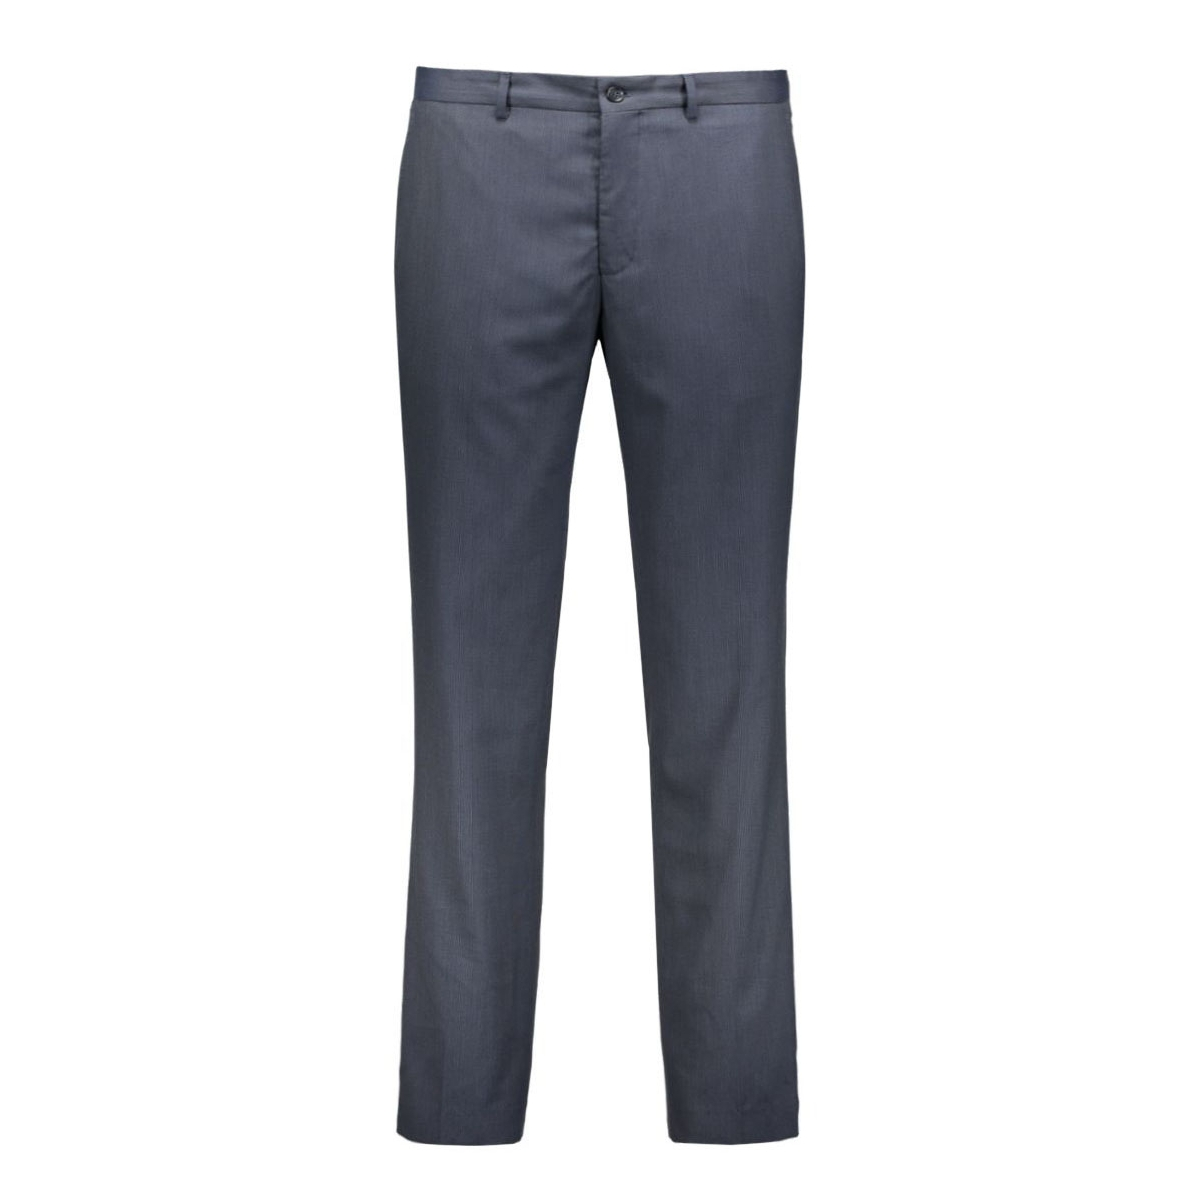 jprwayne trousers navy noos 12113383 jack & jones broek dark navy